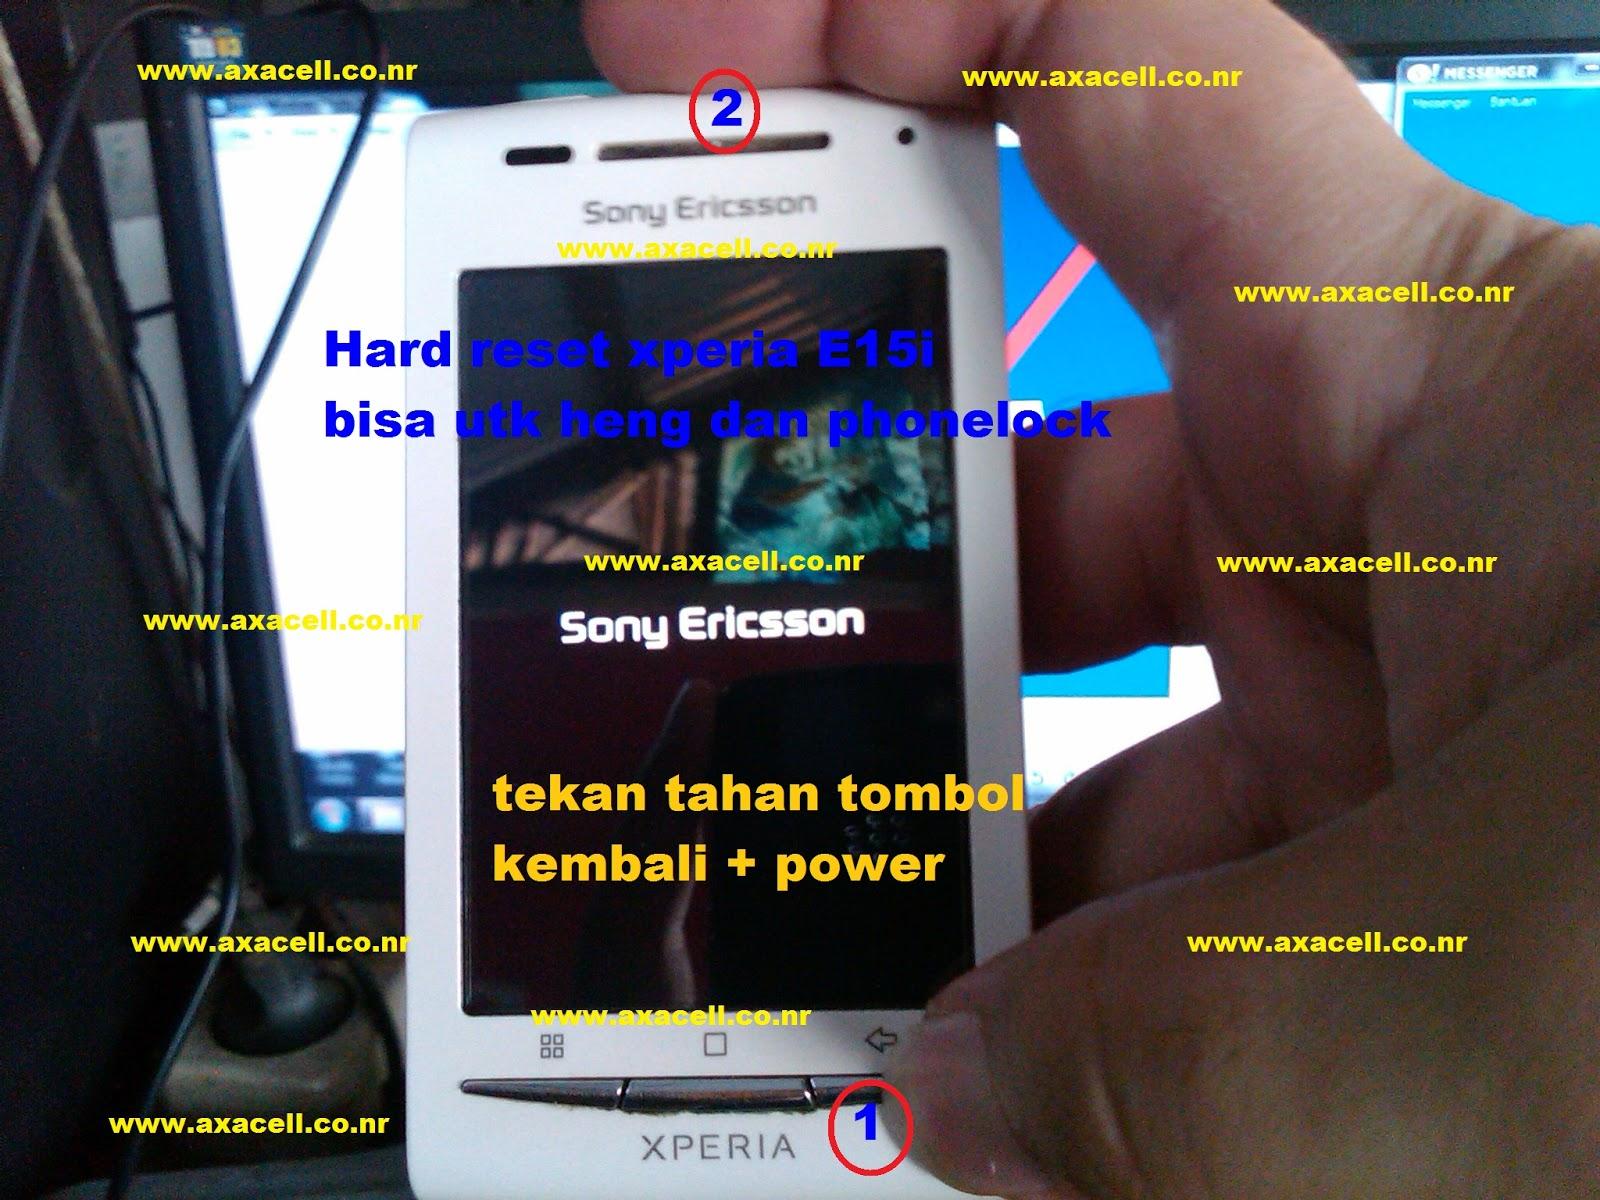 Sony Ericsson Xperia E15i Hard Reset